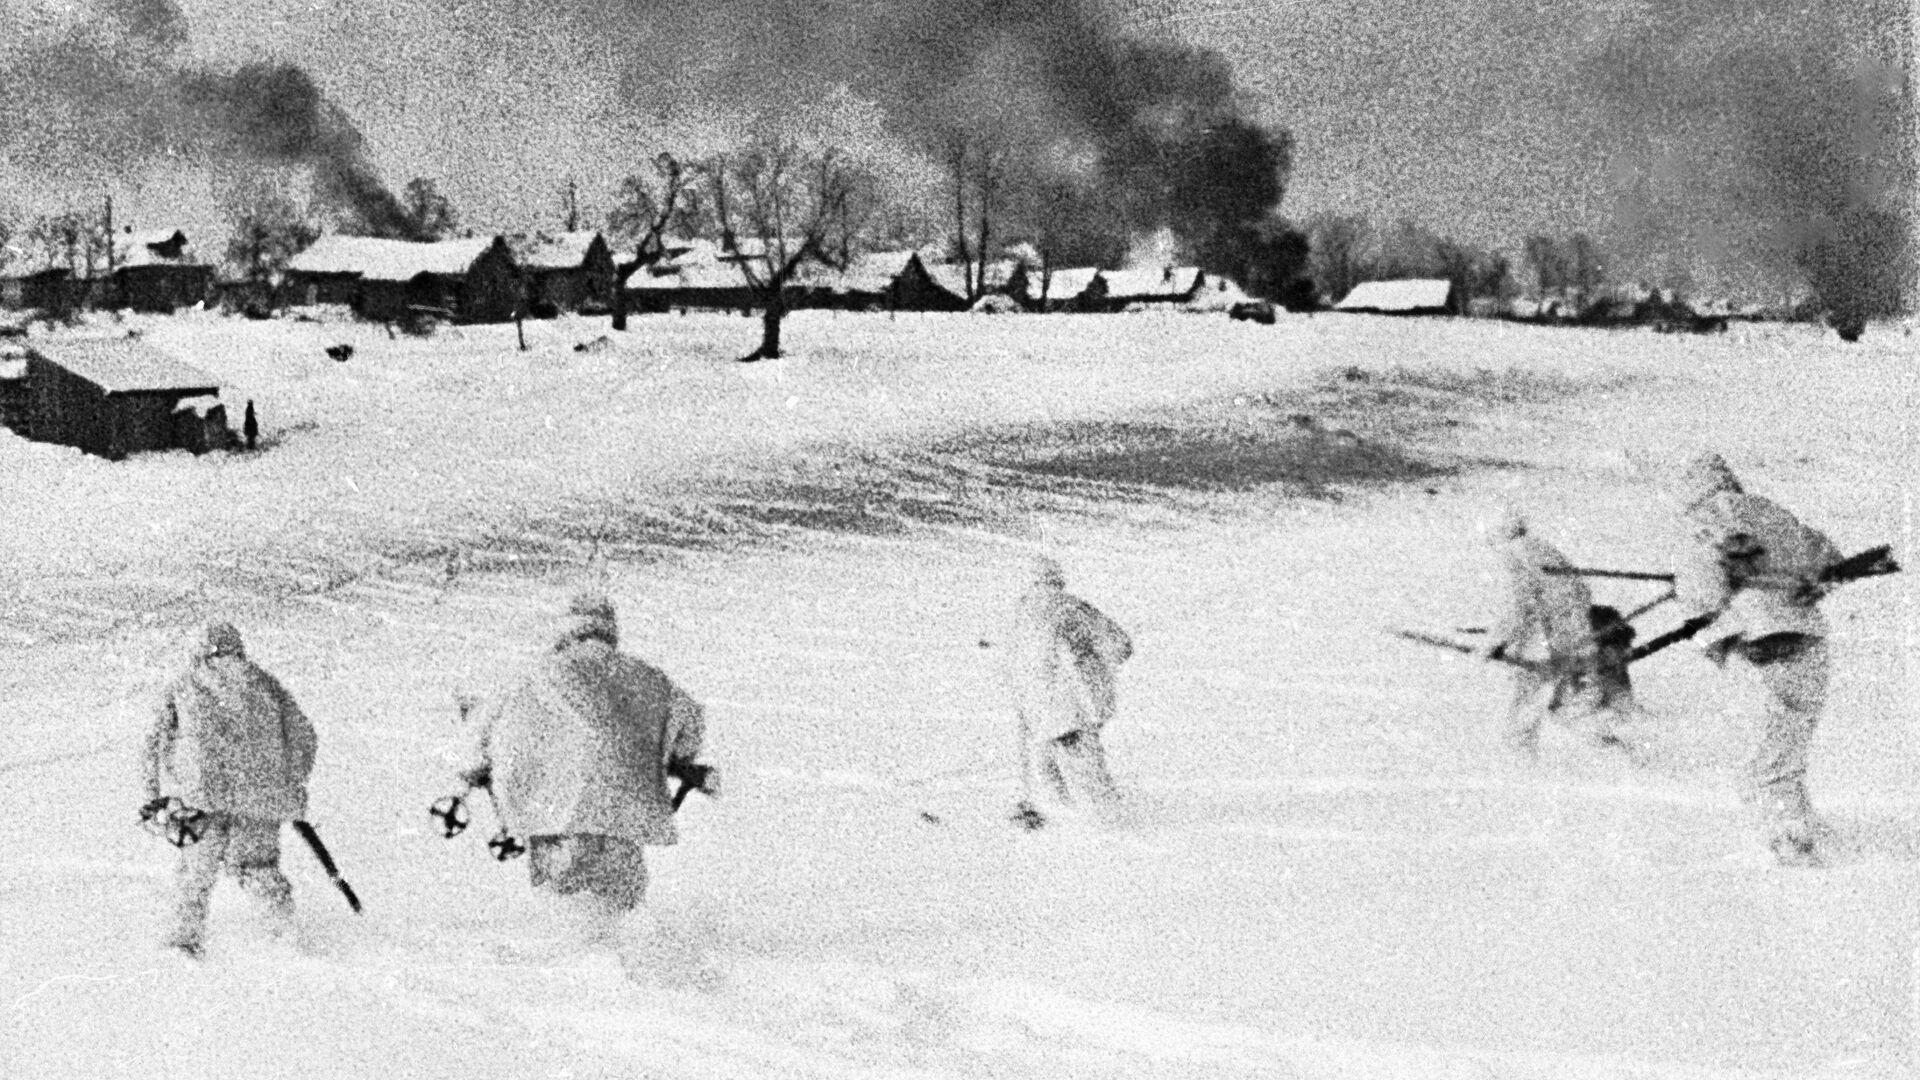 Контрнаступление советских войск в битве под Москвой 5 декабря 1941 года. Кадр из документального фильма Разгром немецко-фашистских войск под Москвой  - РИА Новости, 1920, 03.08.2021